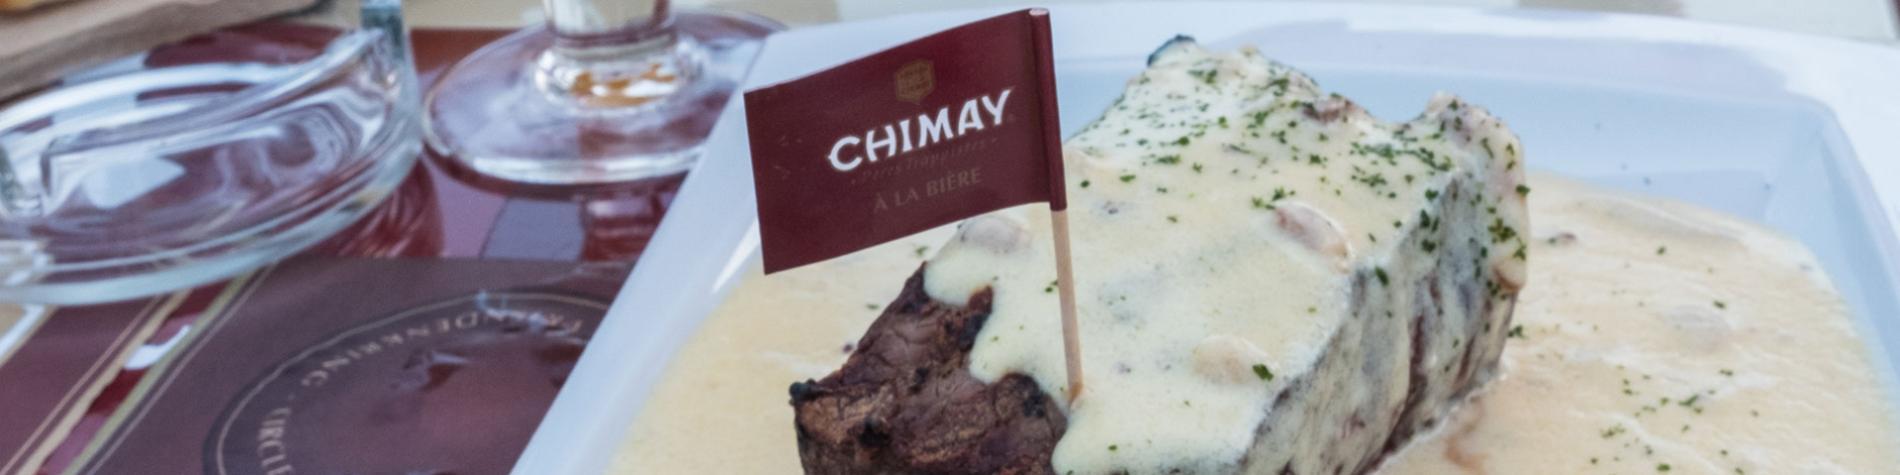 Chimay - dégustation - à gôuter - Espace Chimay